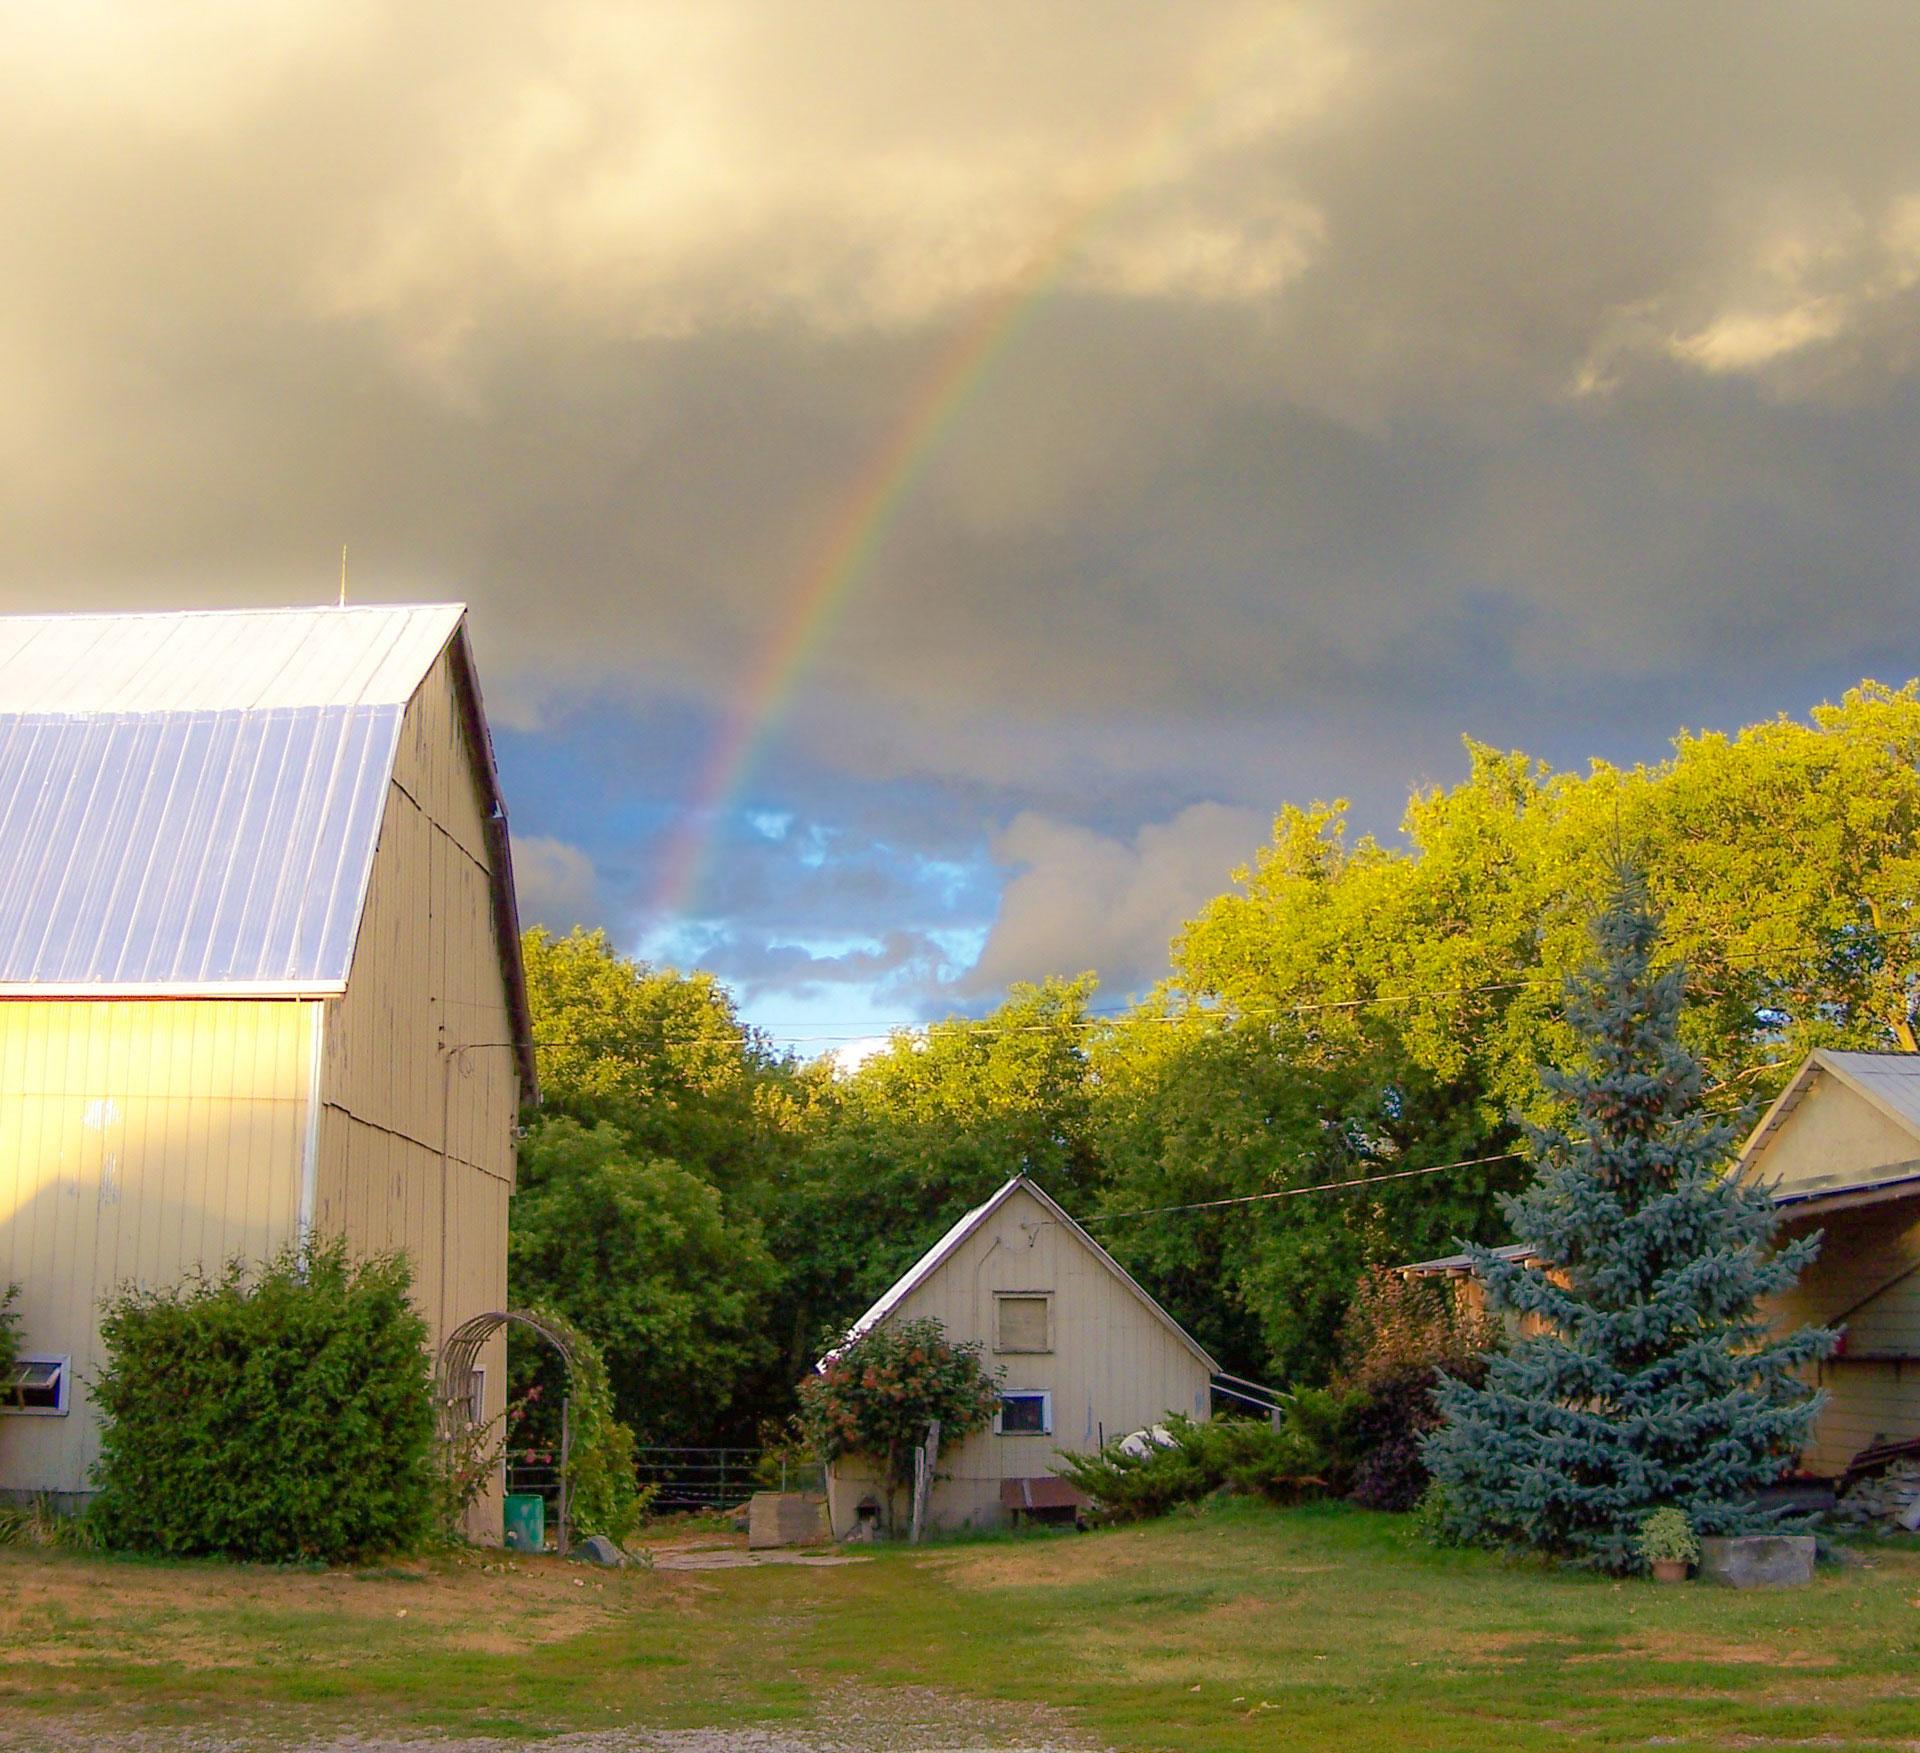 Art Farm Produce Rainbow